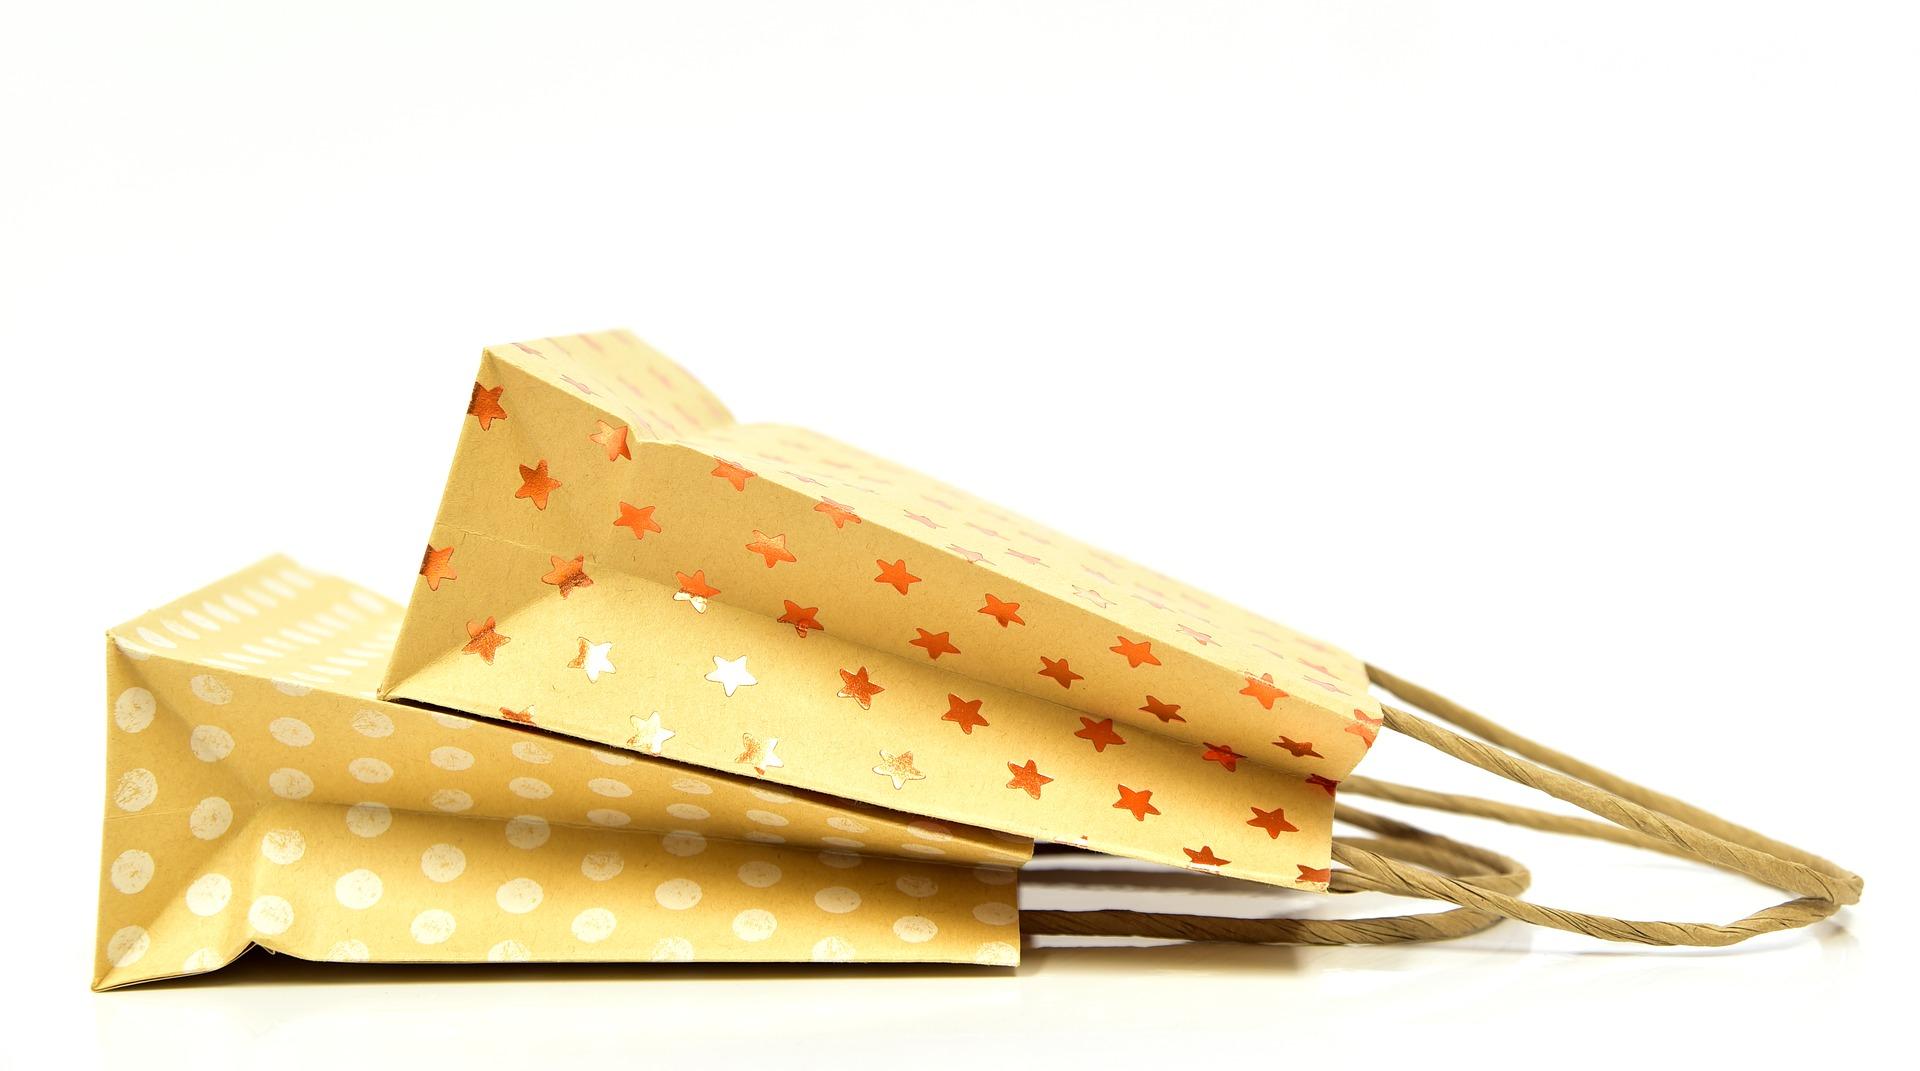 Con bolsas de papel